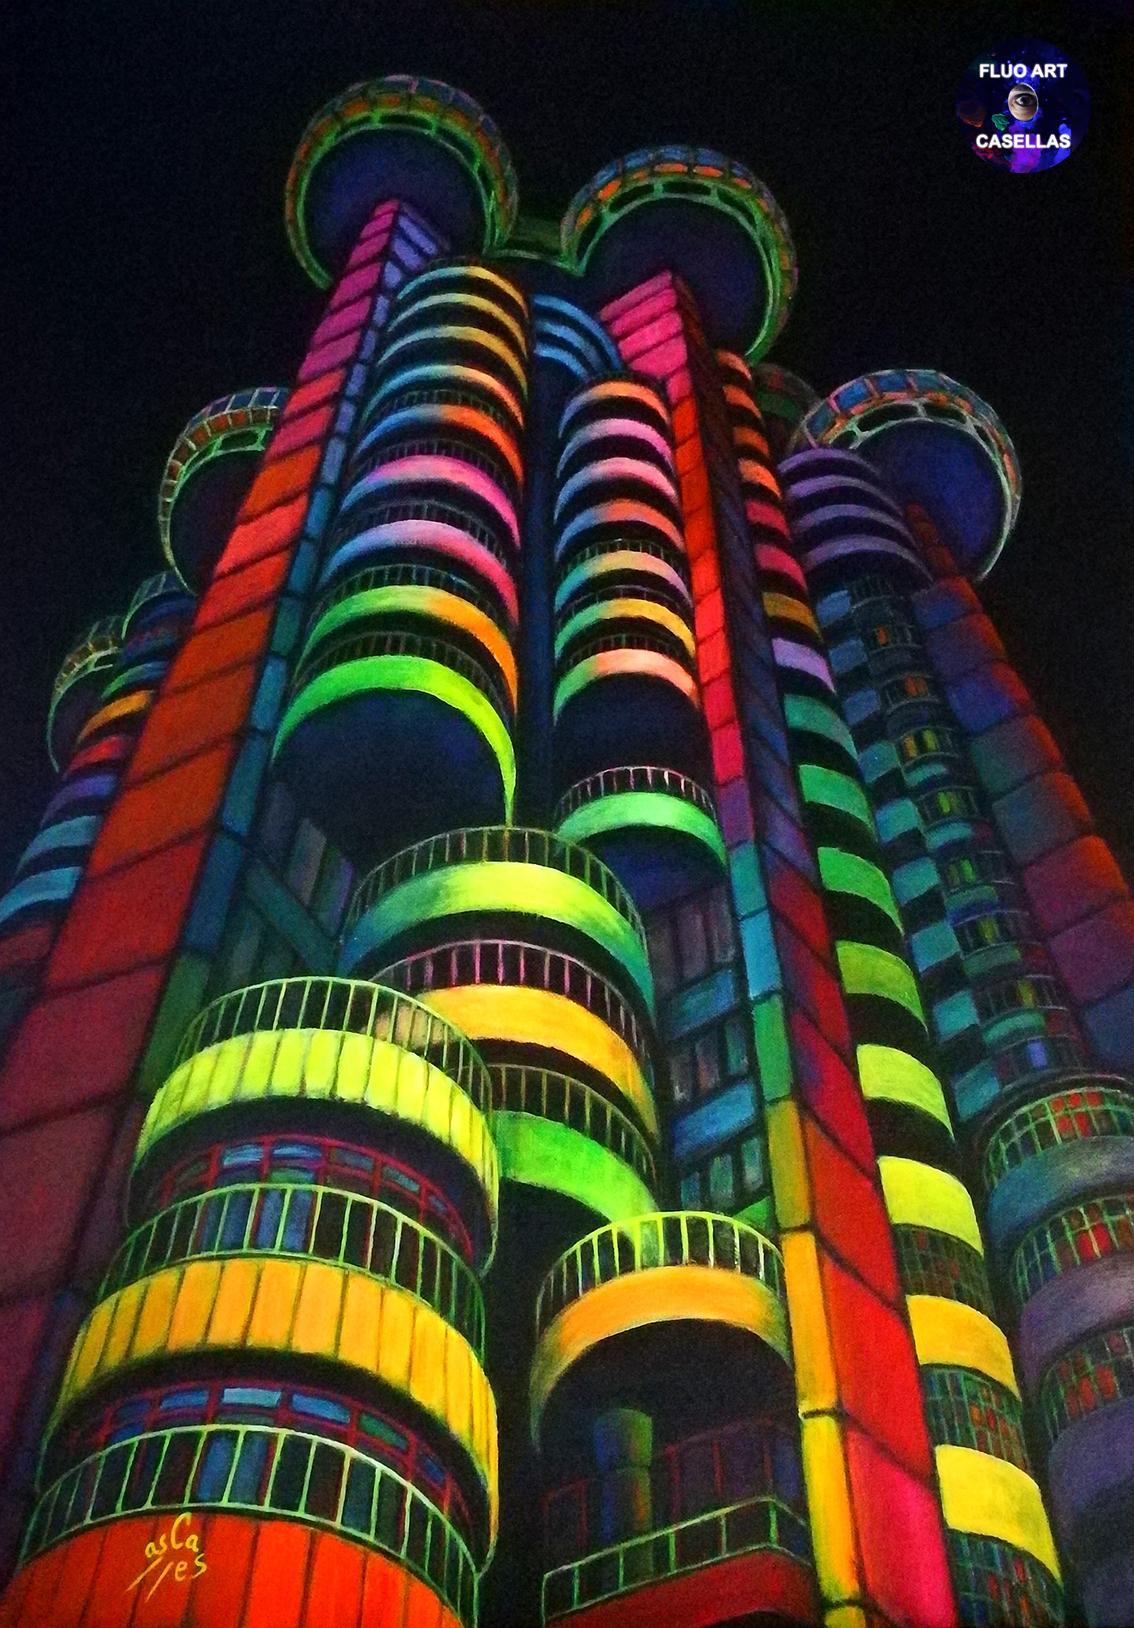 Vicky-Casellas.-Torres-Blancas.-Colección-Night-City-Lights.-Luz-día